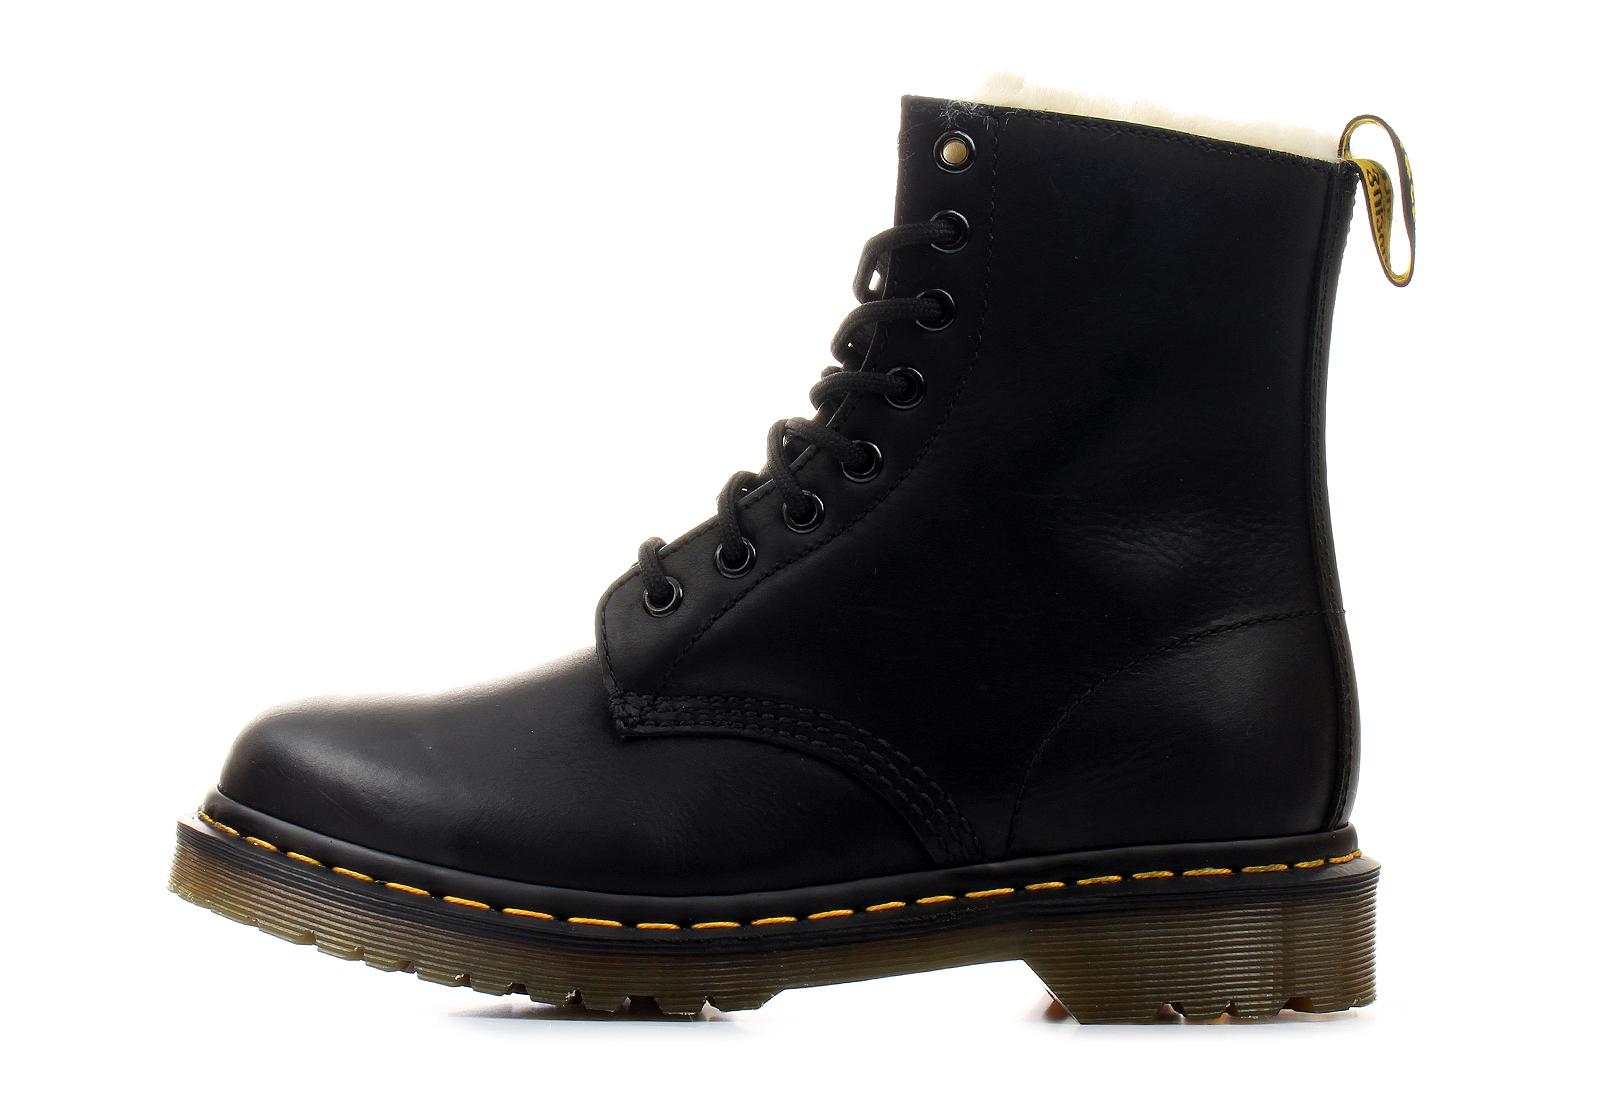 dr martens boots serena 8 eye boot dm21797001. Black Bedroom Furniture Sets. Home Design Ideas